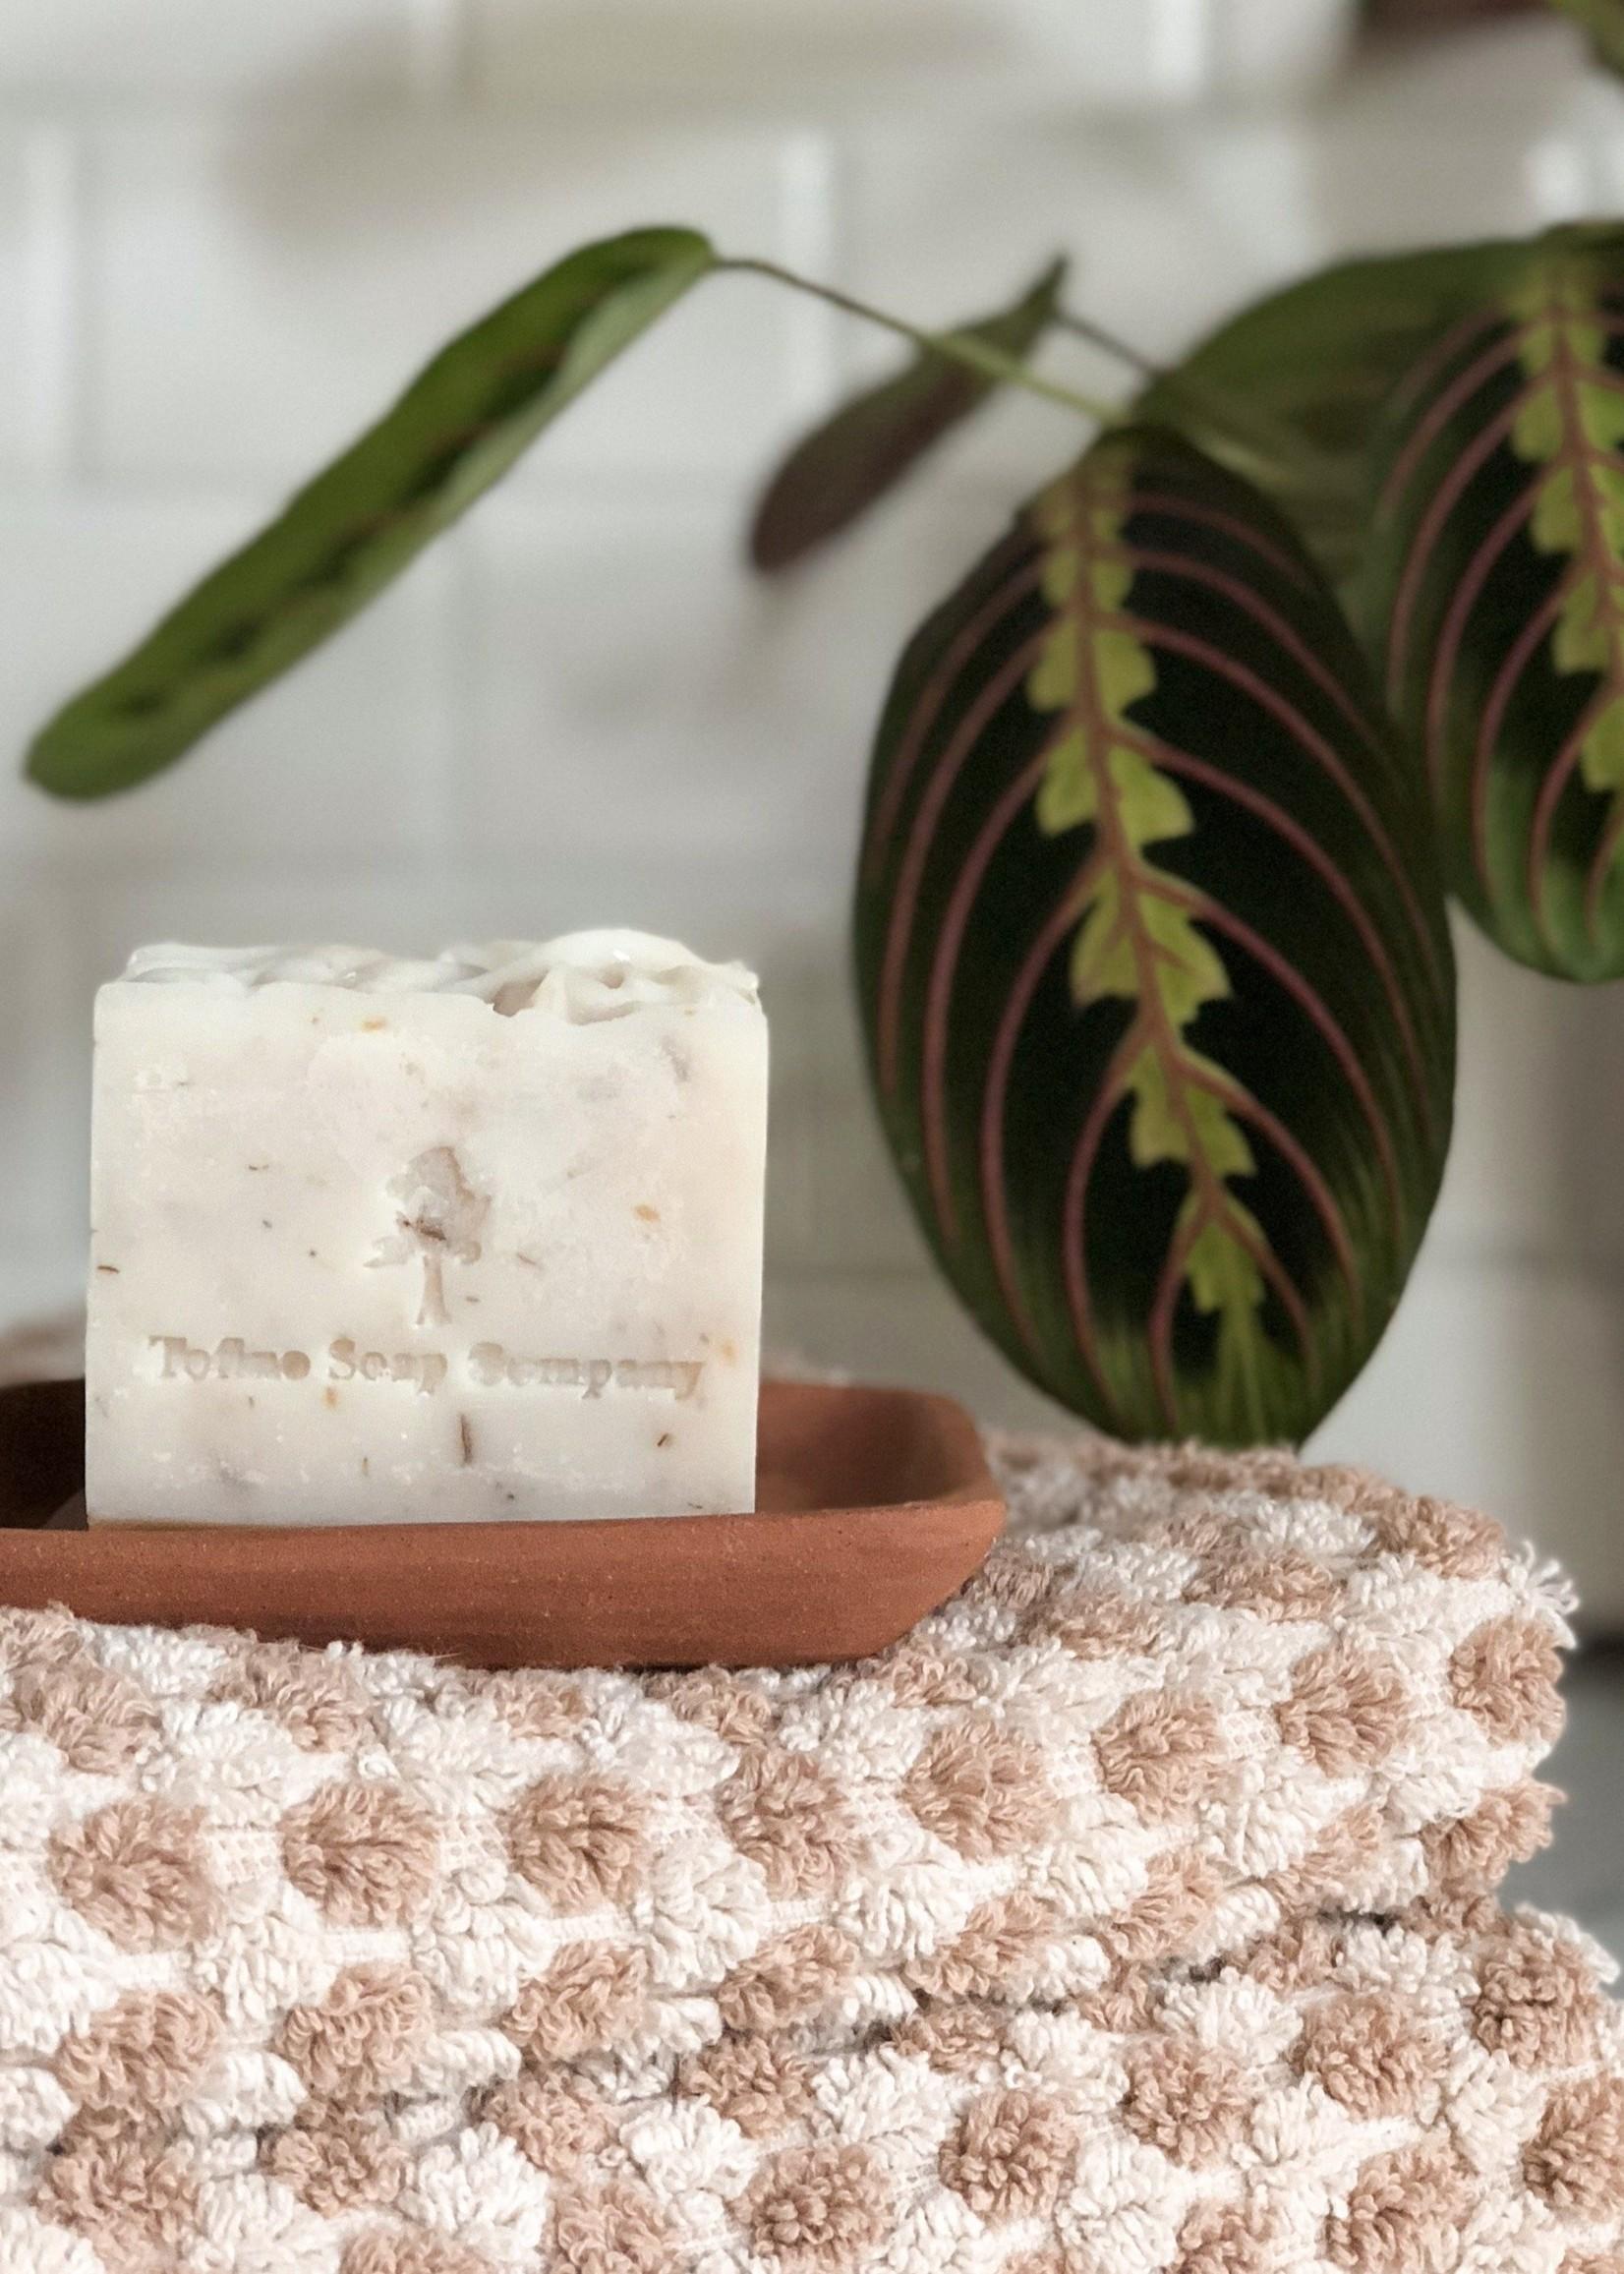 Tofino Soap Company Tofino Soap Company - Calm Soap